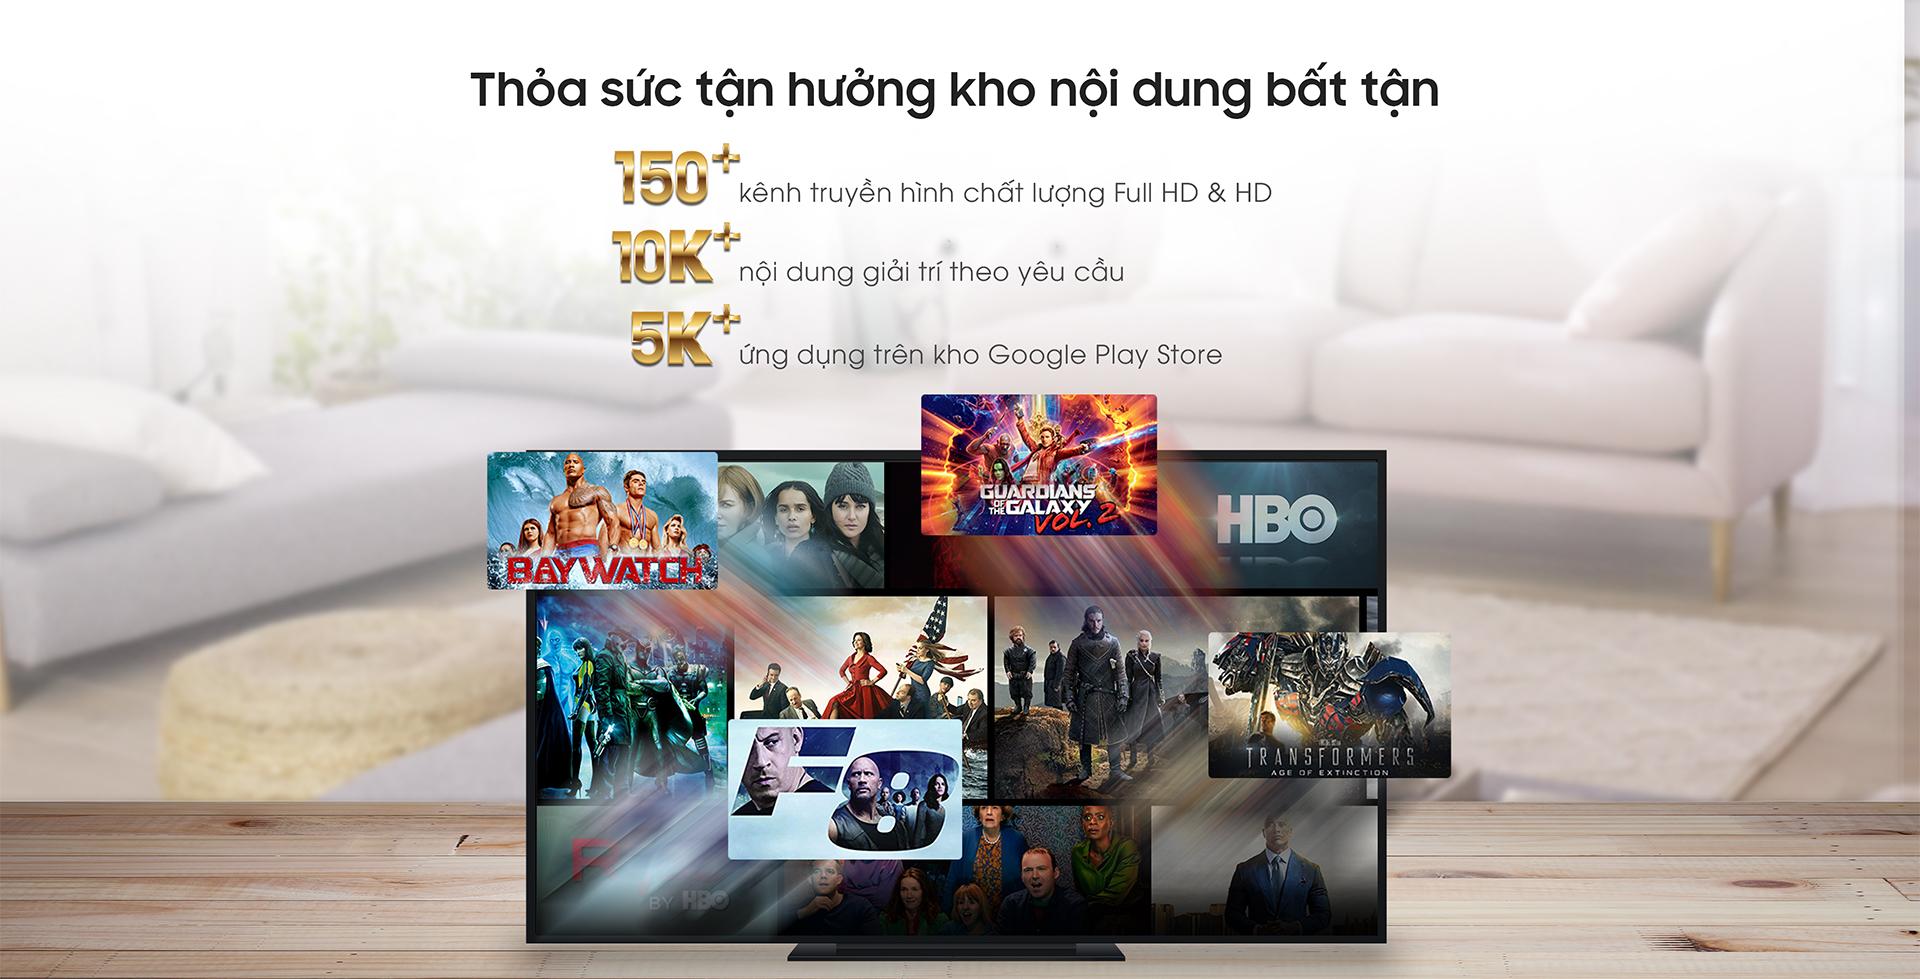 Truyền hình miễn phí